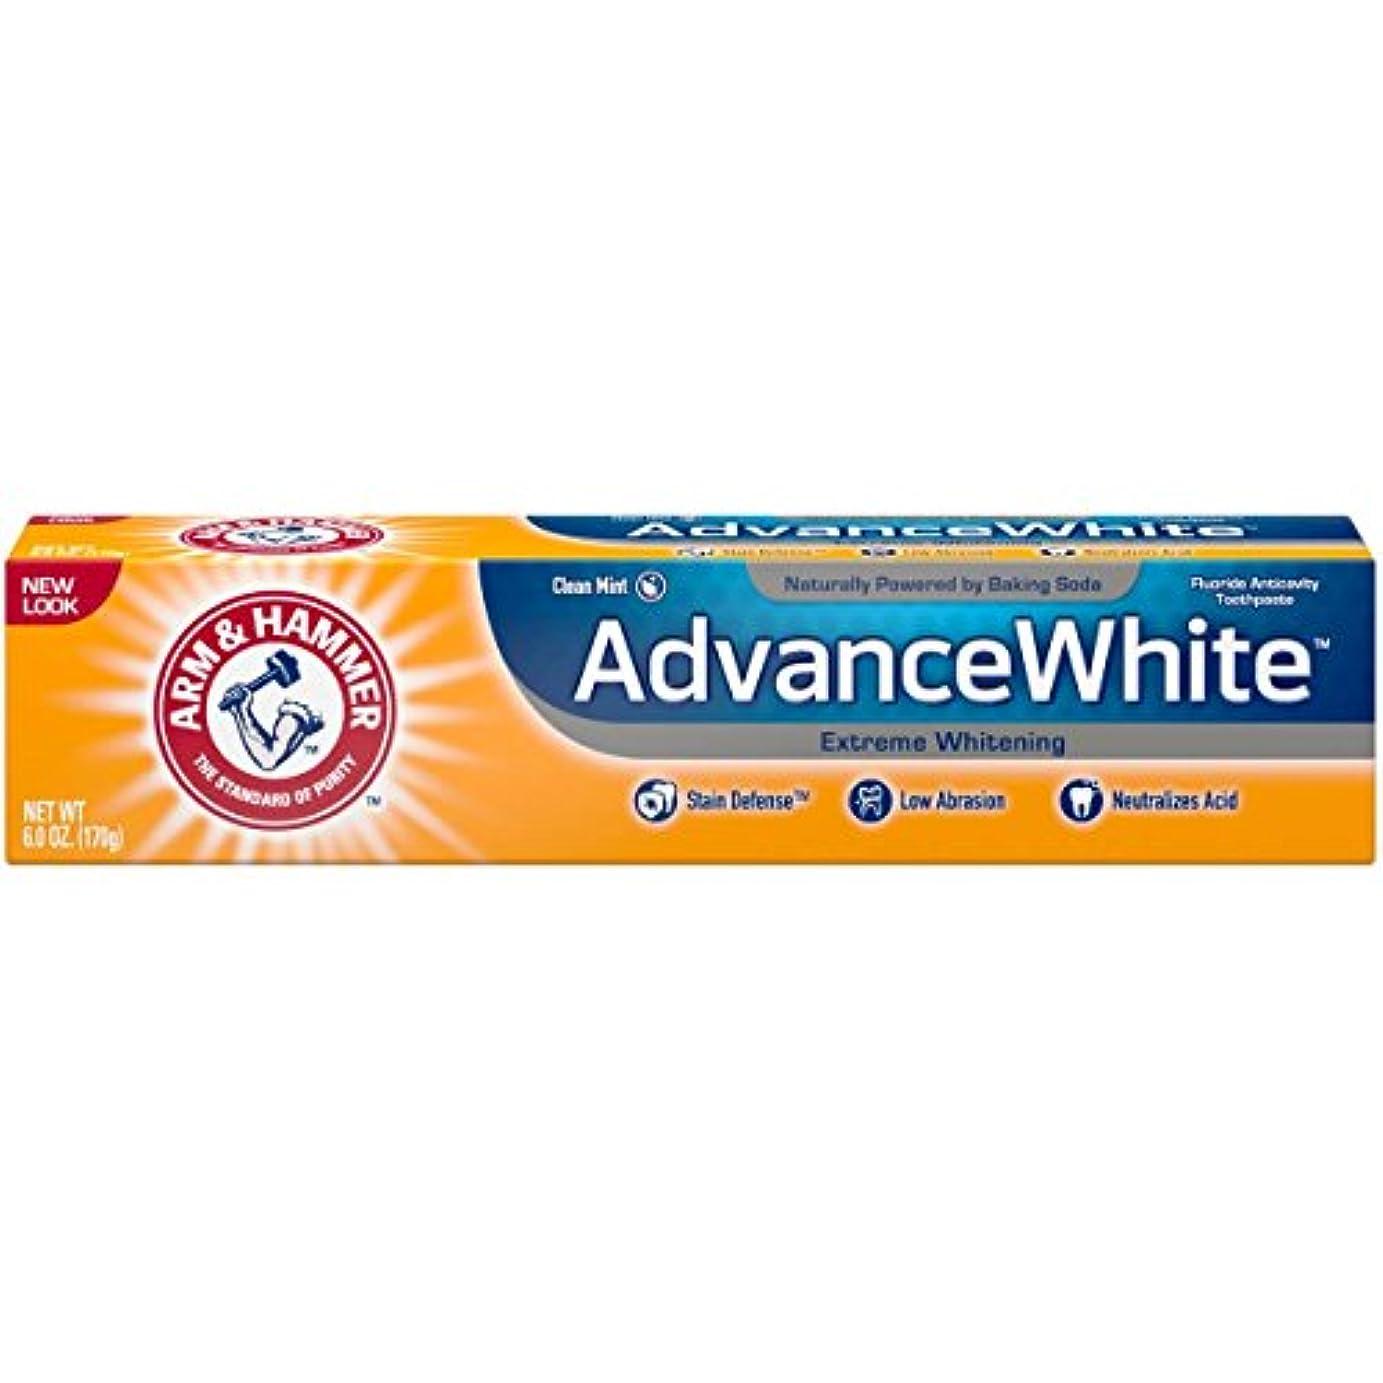 性差別不安これまでArm & Hammer アドバンスホワイトエクストリームホワイトニングで染色防衛の歯磨き粉、6オズ(3パック) 3パック